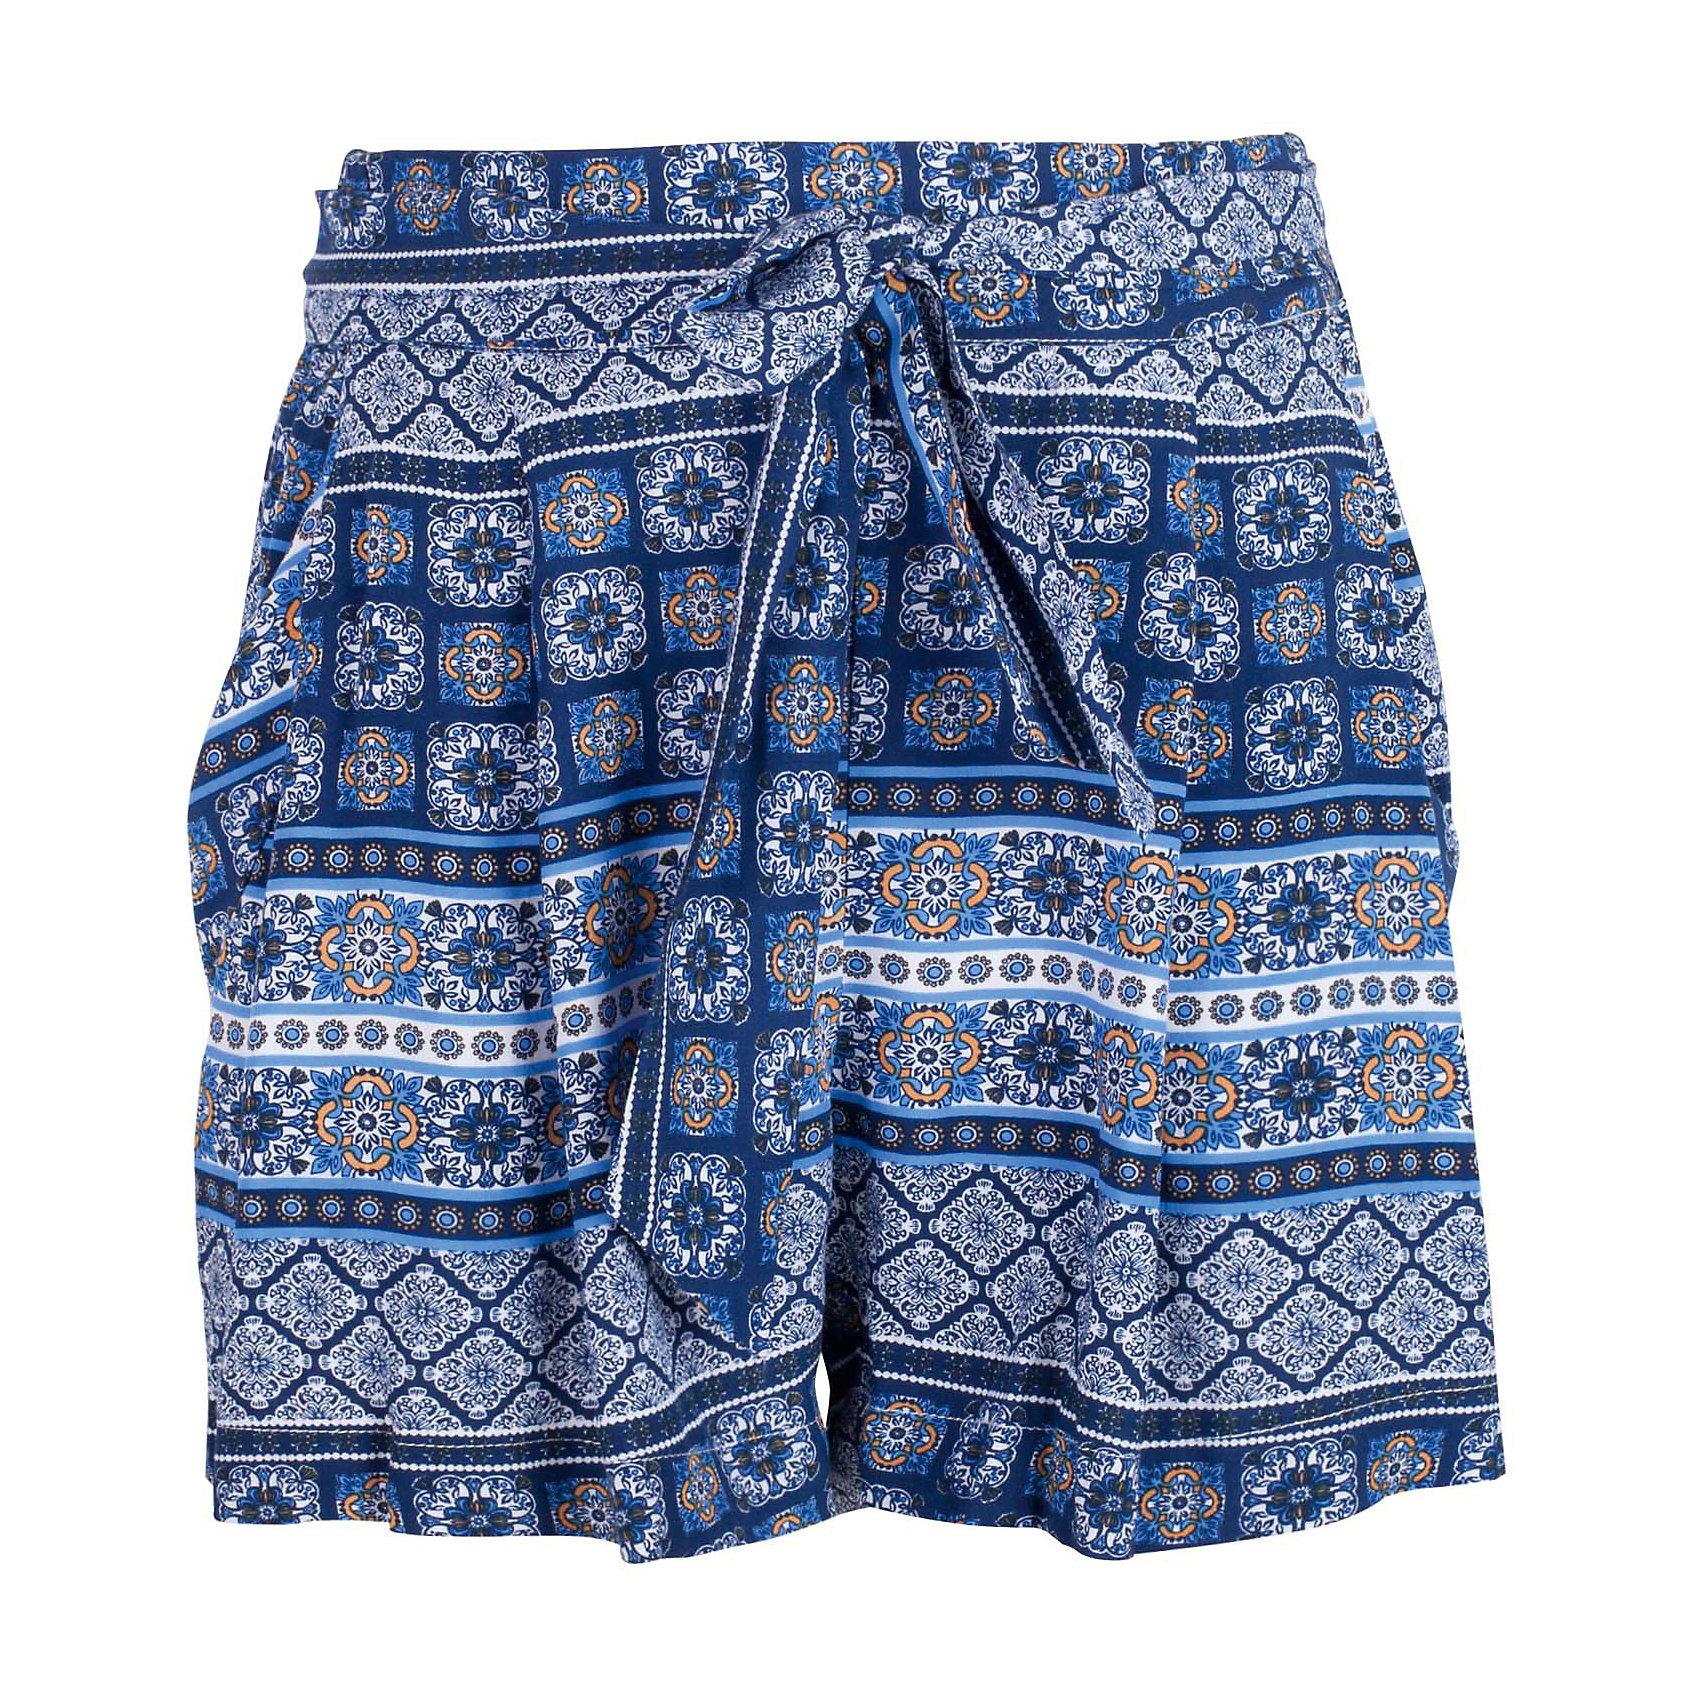 Шорты для девочки GulliverПрекрасные текстильные юбка-шорты идеально дополнят летний гардероб юной леди. Для дачного и пляжного отдыха они будут незаменимы. Легкие, удобные, свободные, юбка-шорты для девочек вне времени и вне моды. Стильный мелкий рисунок придает модели динамику, пояс на резинке создает удобство, текстильный пояс, завязывающийся на узел или бант - красивое завершение. Если вы хотите купить шорты на каждый день, но ваш ребенок - романтичная натура, предпочитающая юбки и платья, юбка-шорты - оптимальное решение! Ребенок будет чувствовать себя самим собой и обязательно оценит стиль, комфорт и свободу движений.<br>Состав:<br>100% вискоза<br><br>Ширина мм: 191<br>Глубина мм: 10<br>Высота мм: 175<br>Вес г: 273<br>Цвет: разноцветный<br>Возраст от месяцев: 108<br>Возраст до месяцев: 120<br>Пол: Женский<br>Возраст: Детский<br>Размер: 140,122,128,134<br>SKU: 5484041